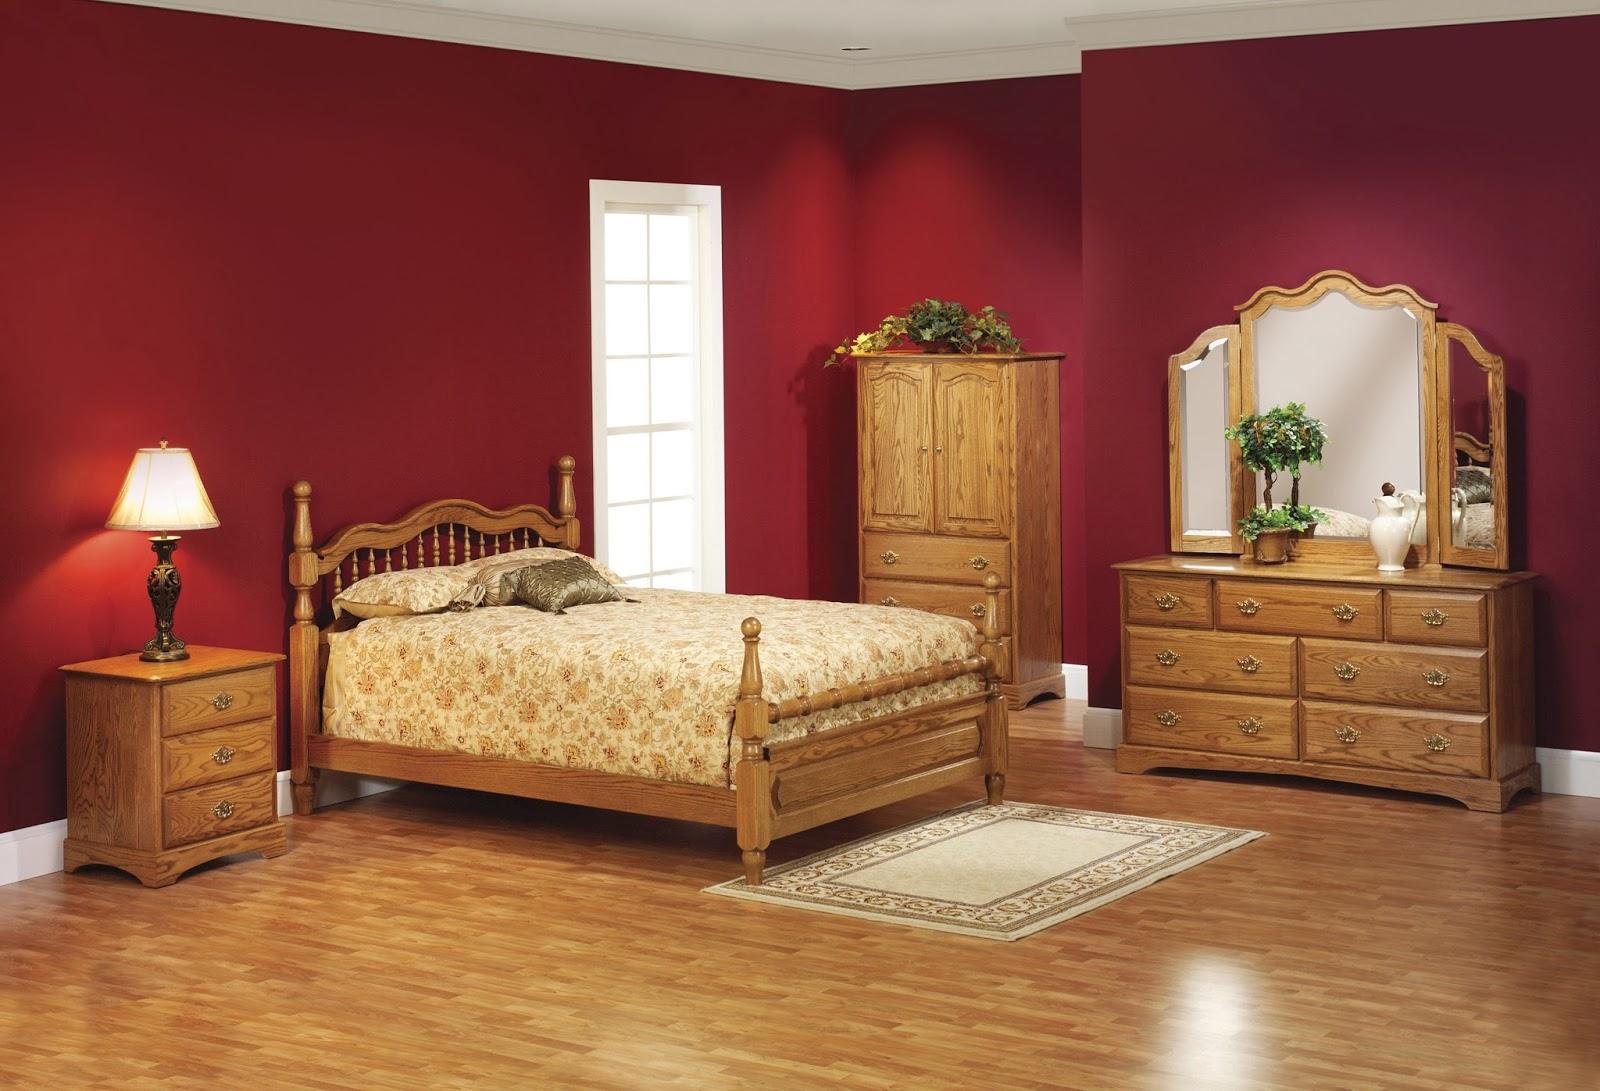 Home Decorating Interior Design Ideas. Home Decorating Interior Design Ideas  Oak Wood Bedroom Furniture